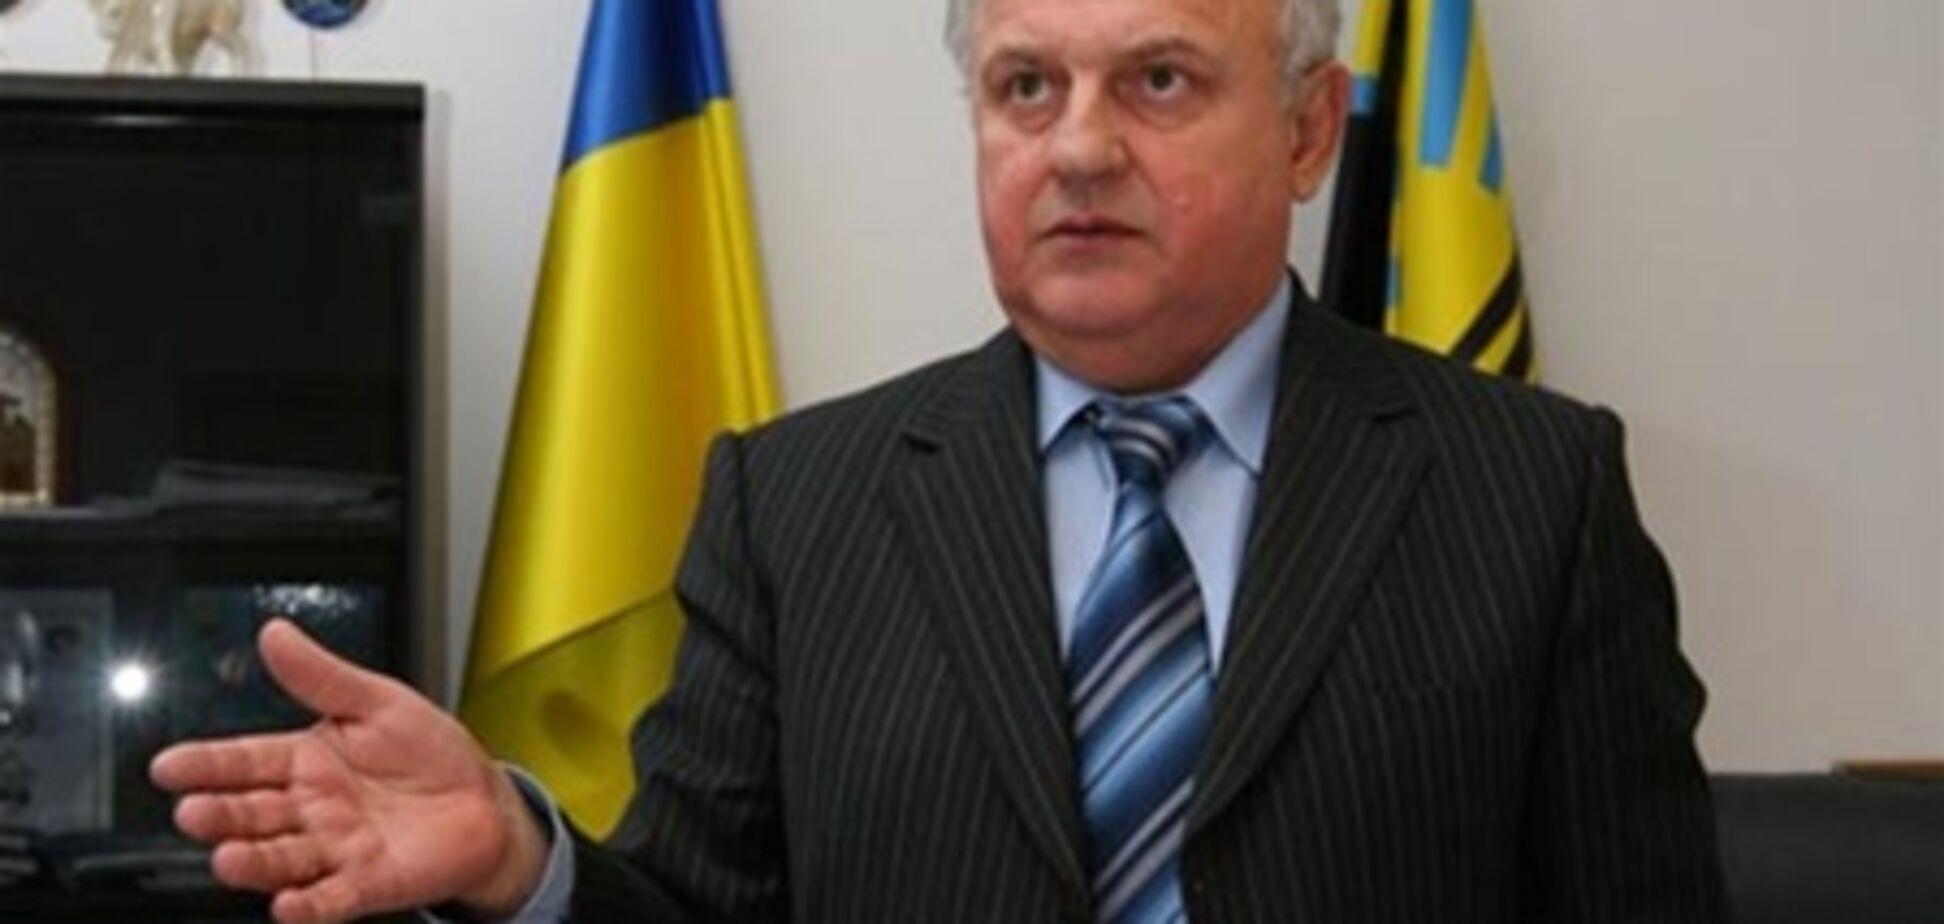 Кабмин ликвидирует еще два министерства: уволят 72 чиновника